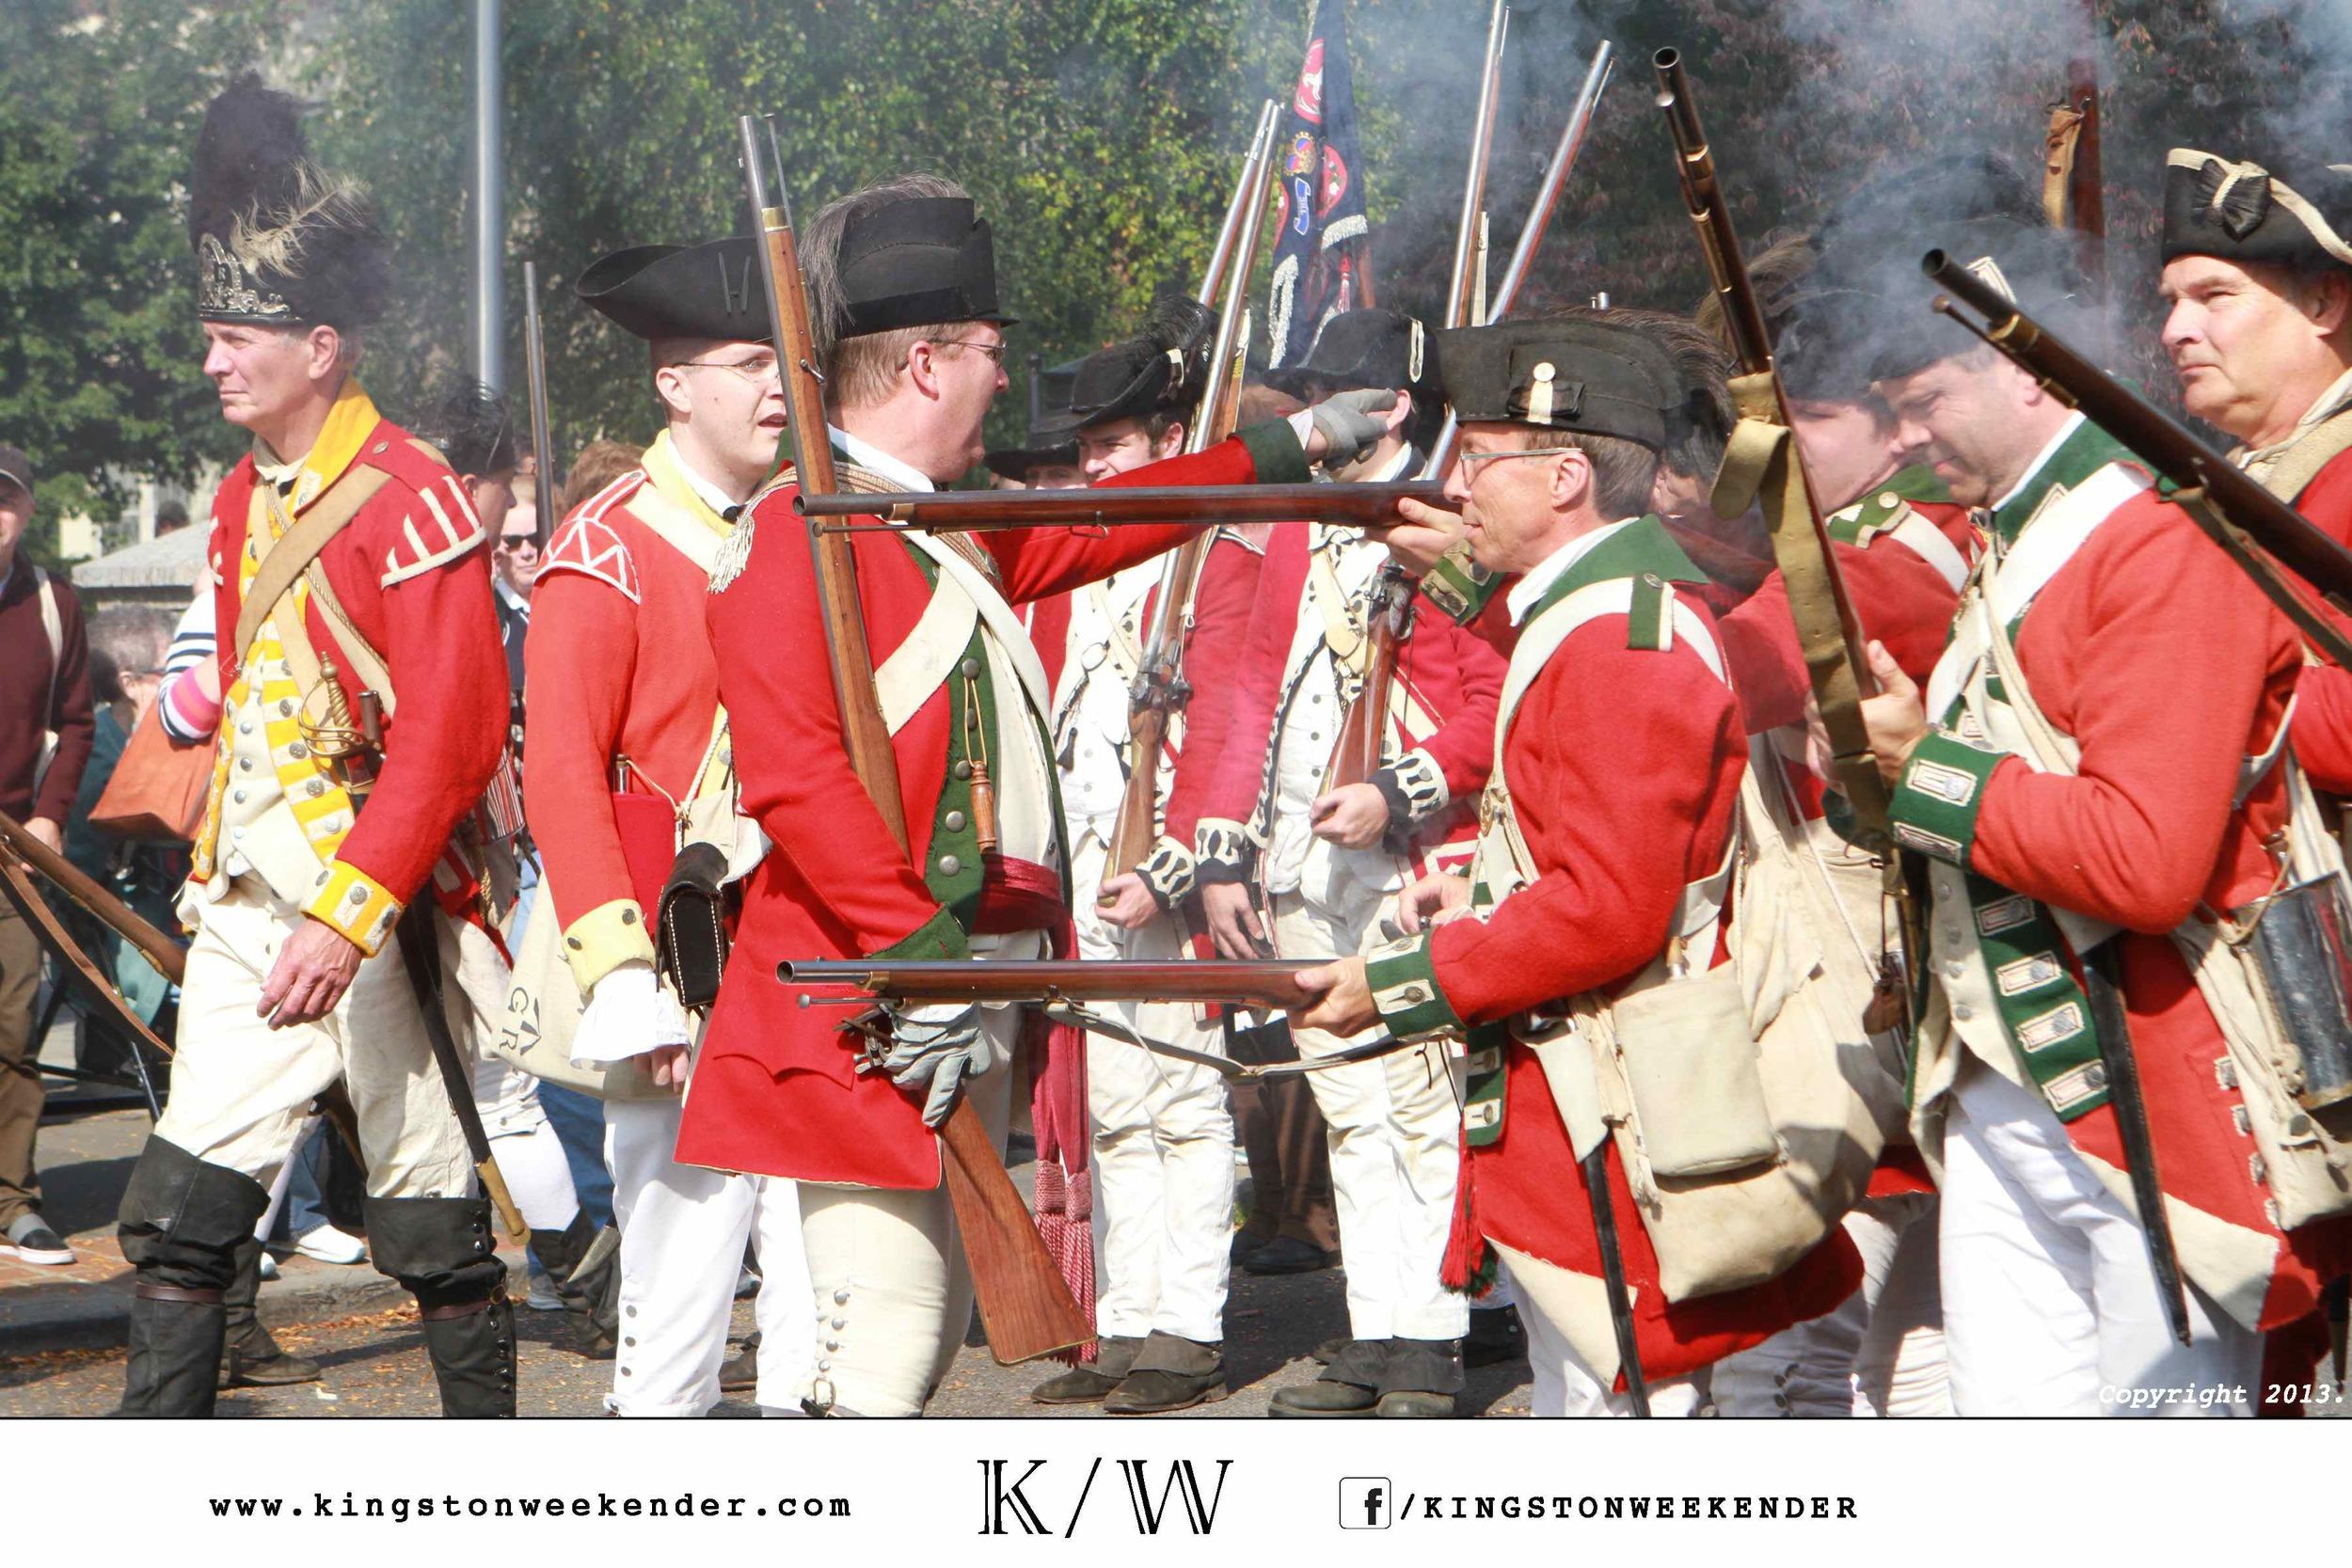 kingston-weekender-photo-credits30.jpg